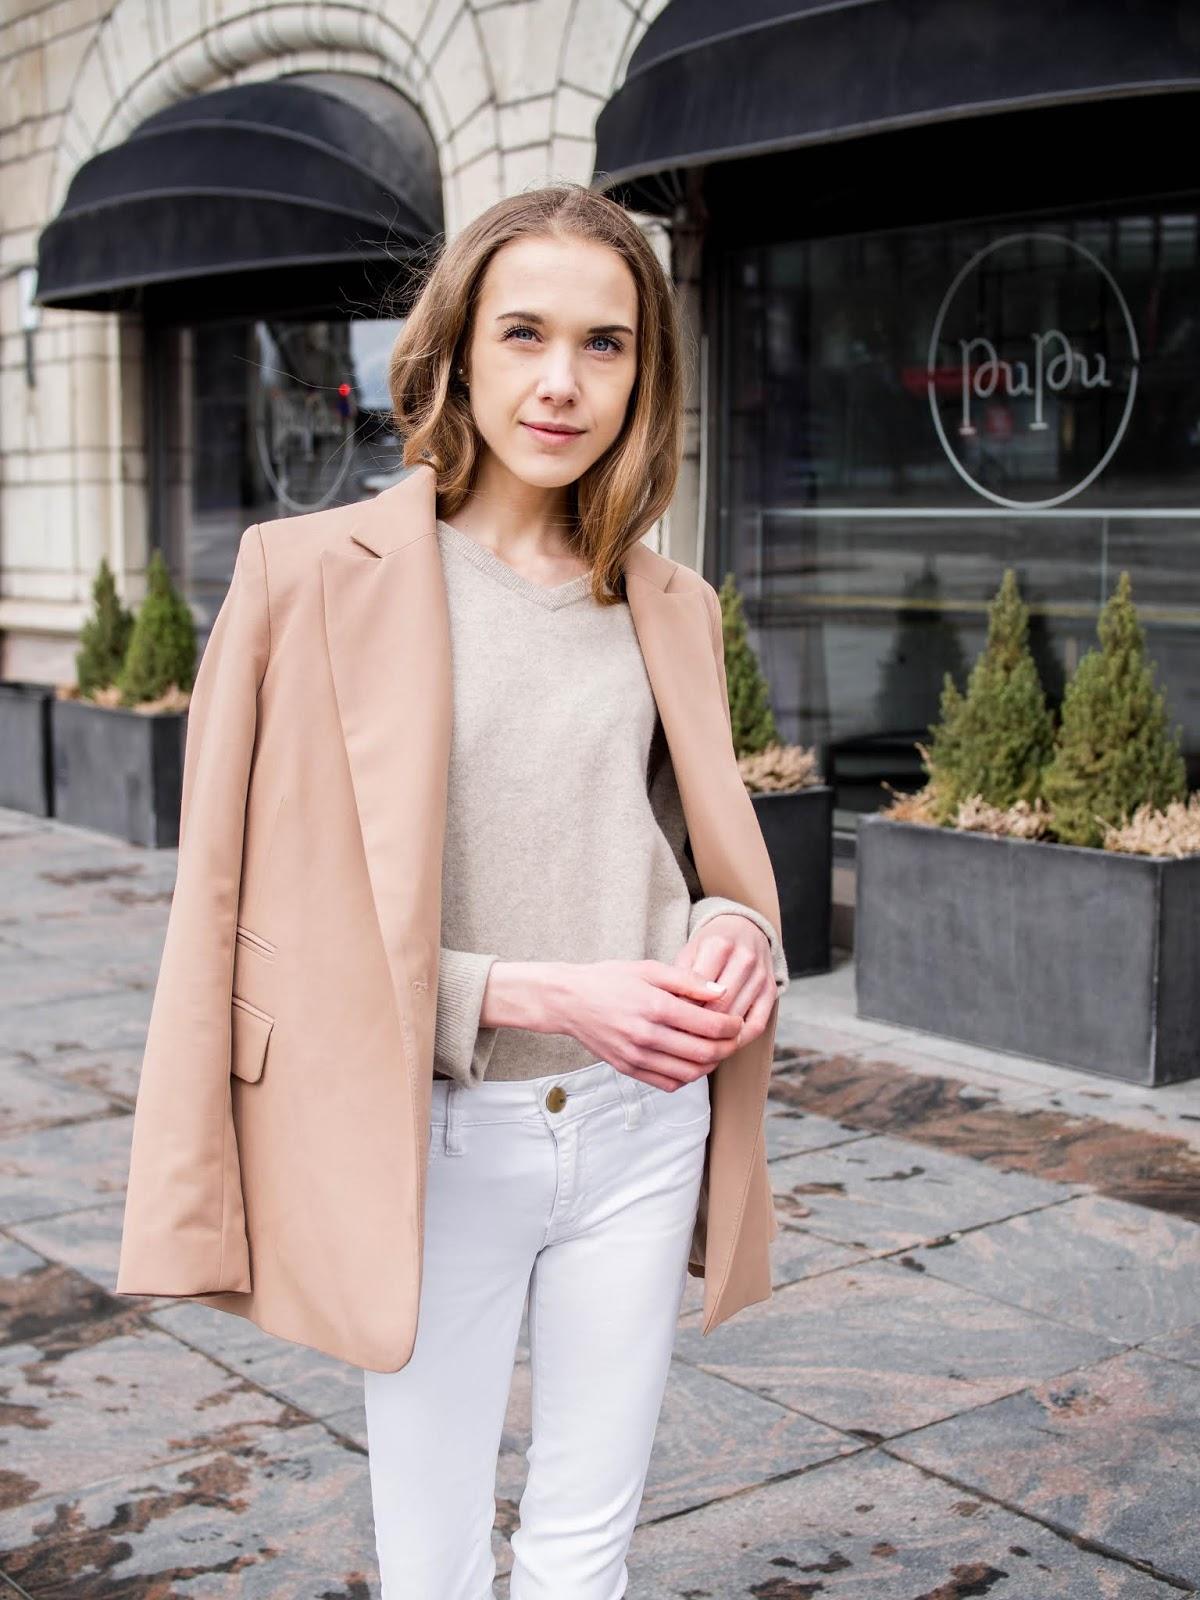 How coronavirus changes fashion world - Kuinka koronavirus muuttaaa muotimaailmaa